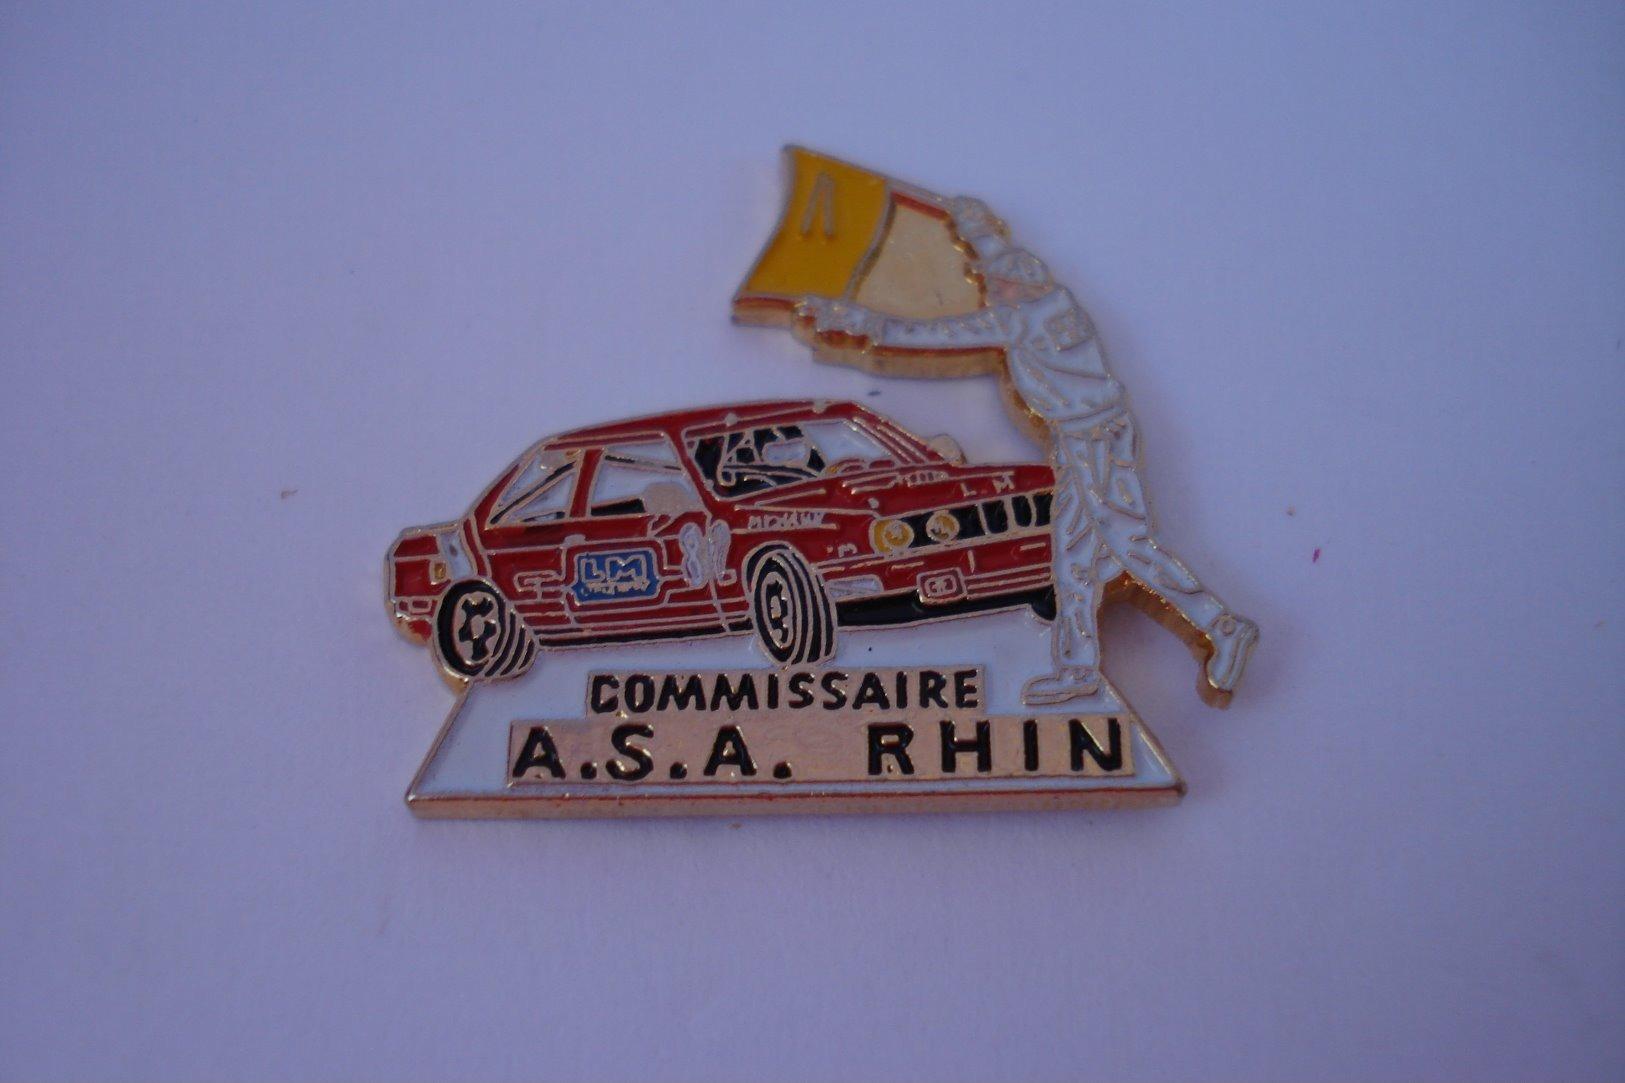 20190906-3316 COMMISSAIRE DE L'ASSOCIATION DES SPORTS AUTOMOBILES D'ALSACE RHIN - Automobile - F1